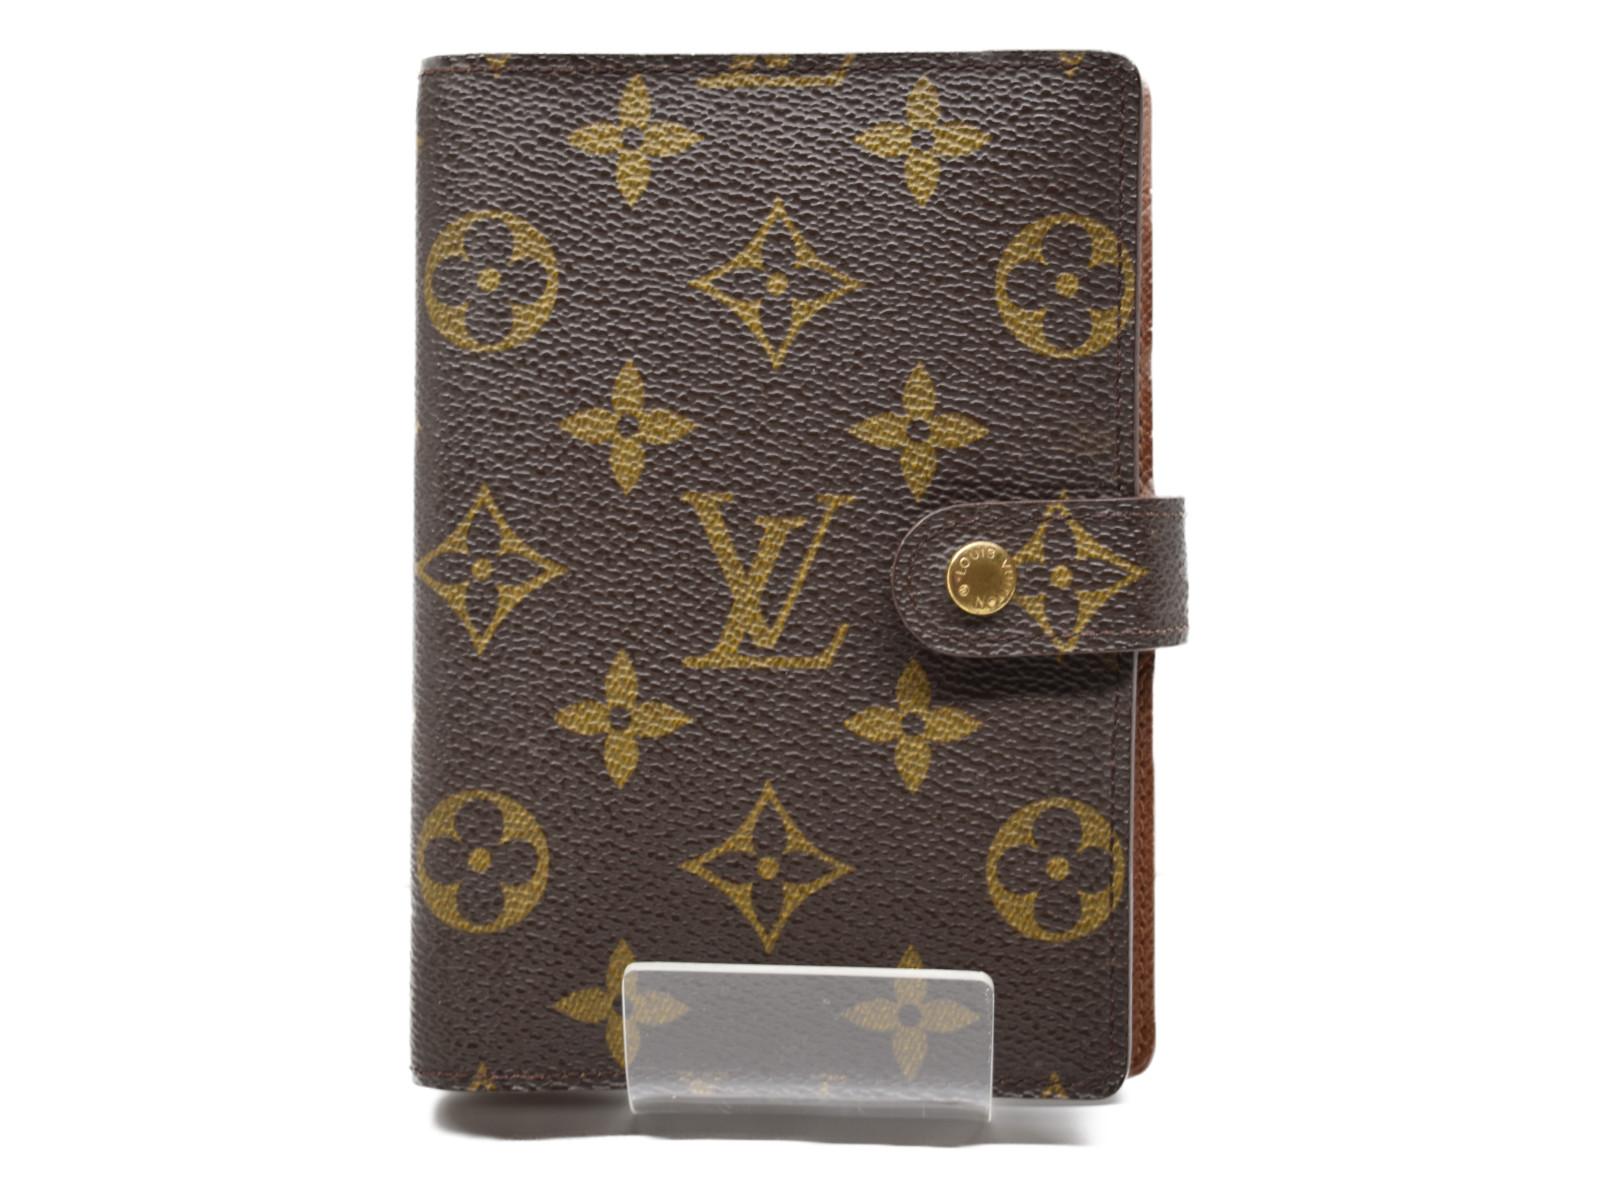 LOUIS VUITTON ルイヴィトン アジェンダPM R20005 モノグラム ダイアリー カード入れ ユニセックス プレゼント包装可 【中古】